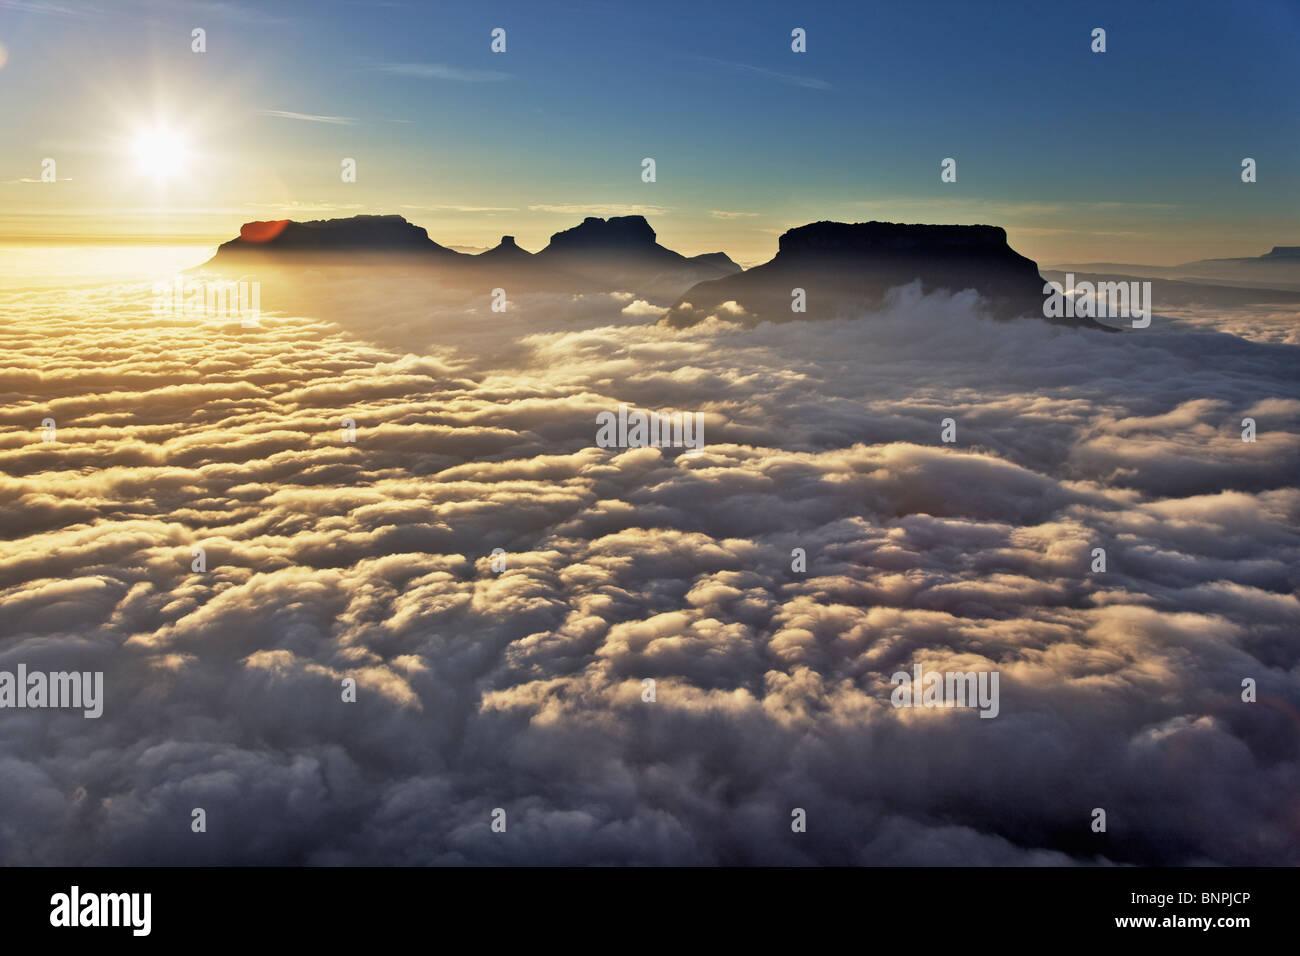 Vista aérea de nubes arremolinándose alrededor de la Cumbre de las montañas de piedra arenisca o Imagen De Stock